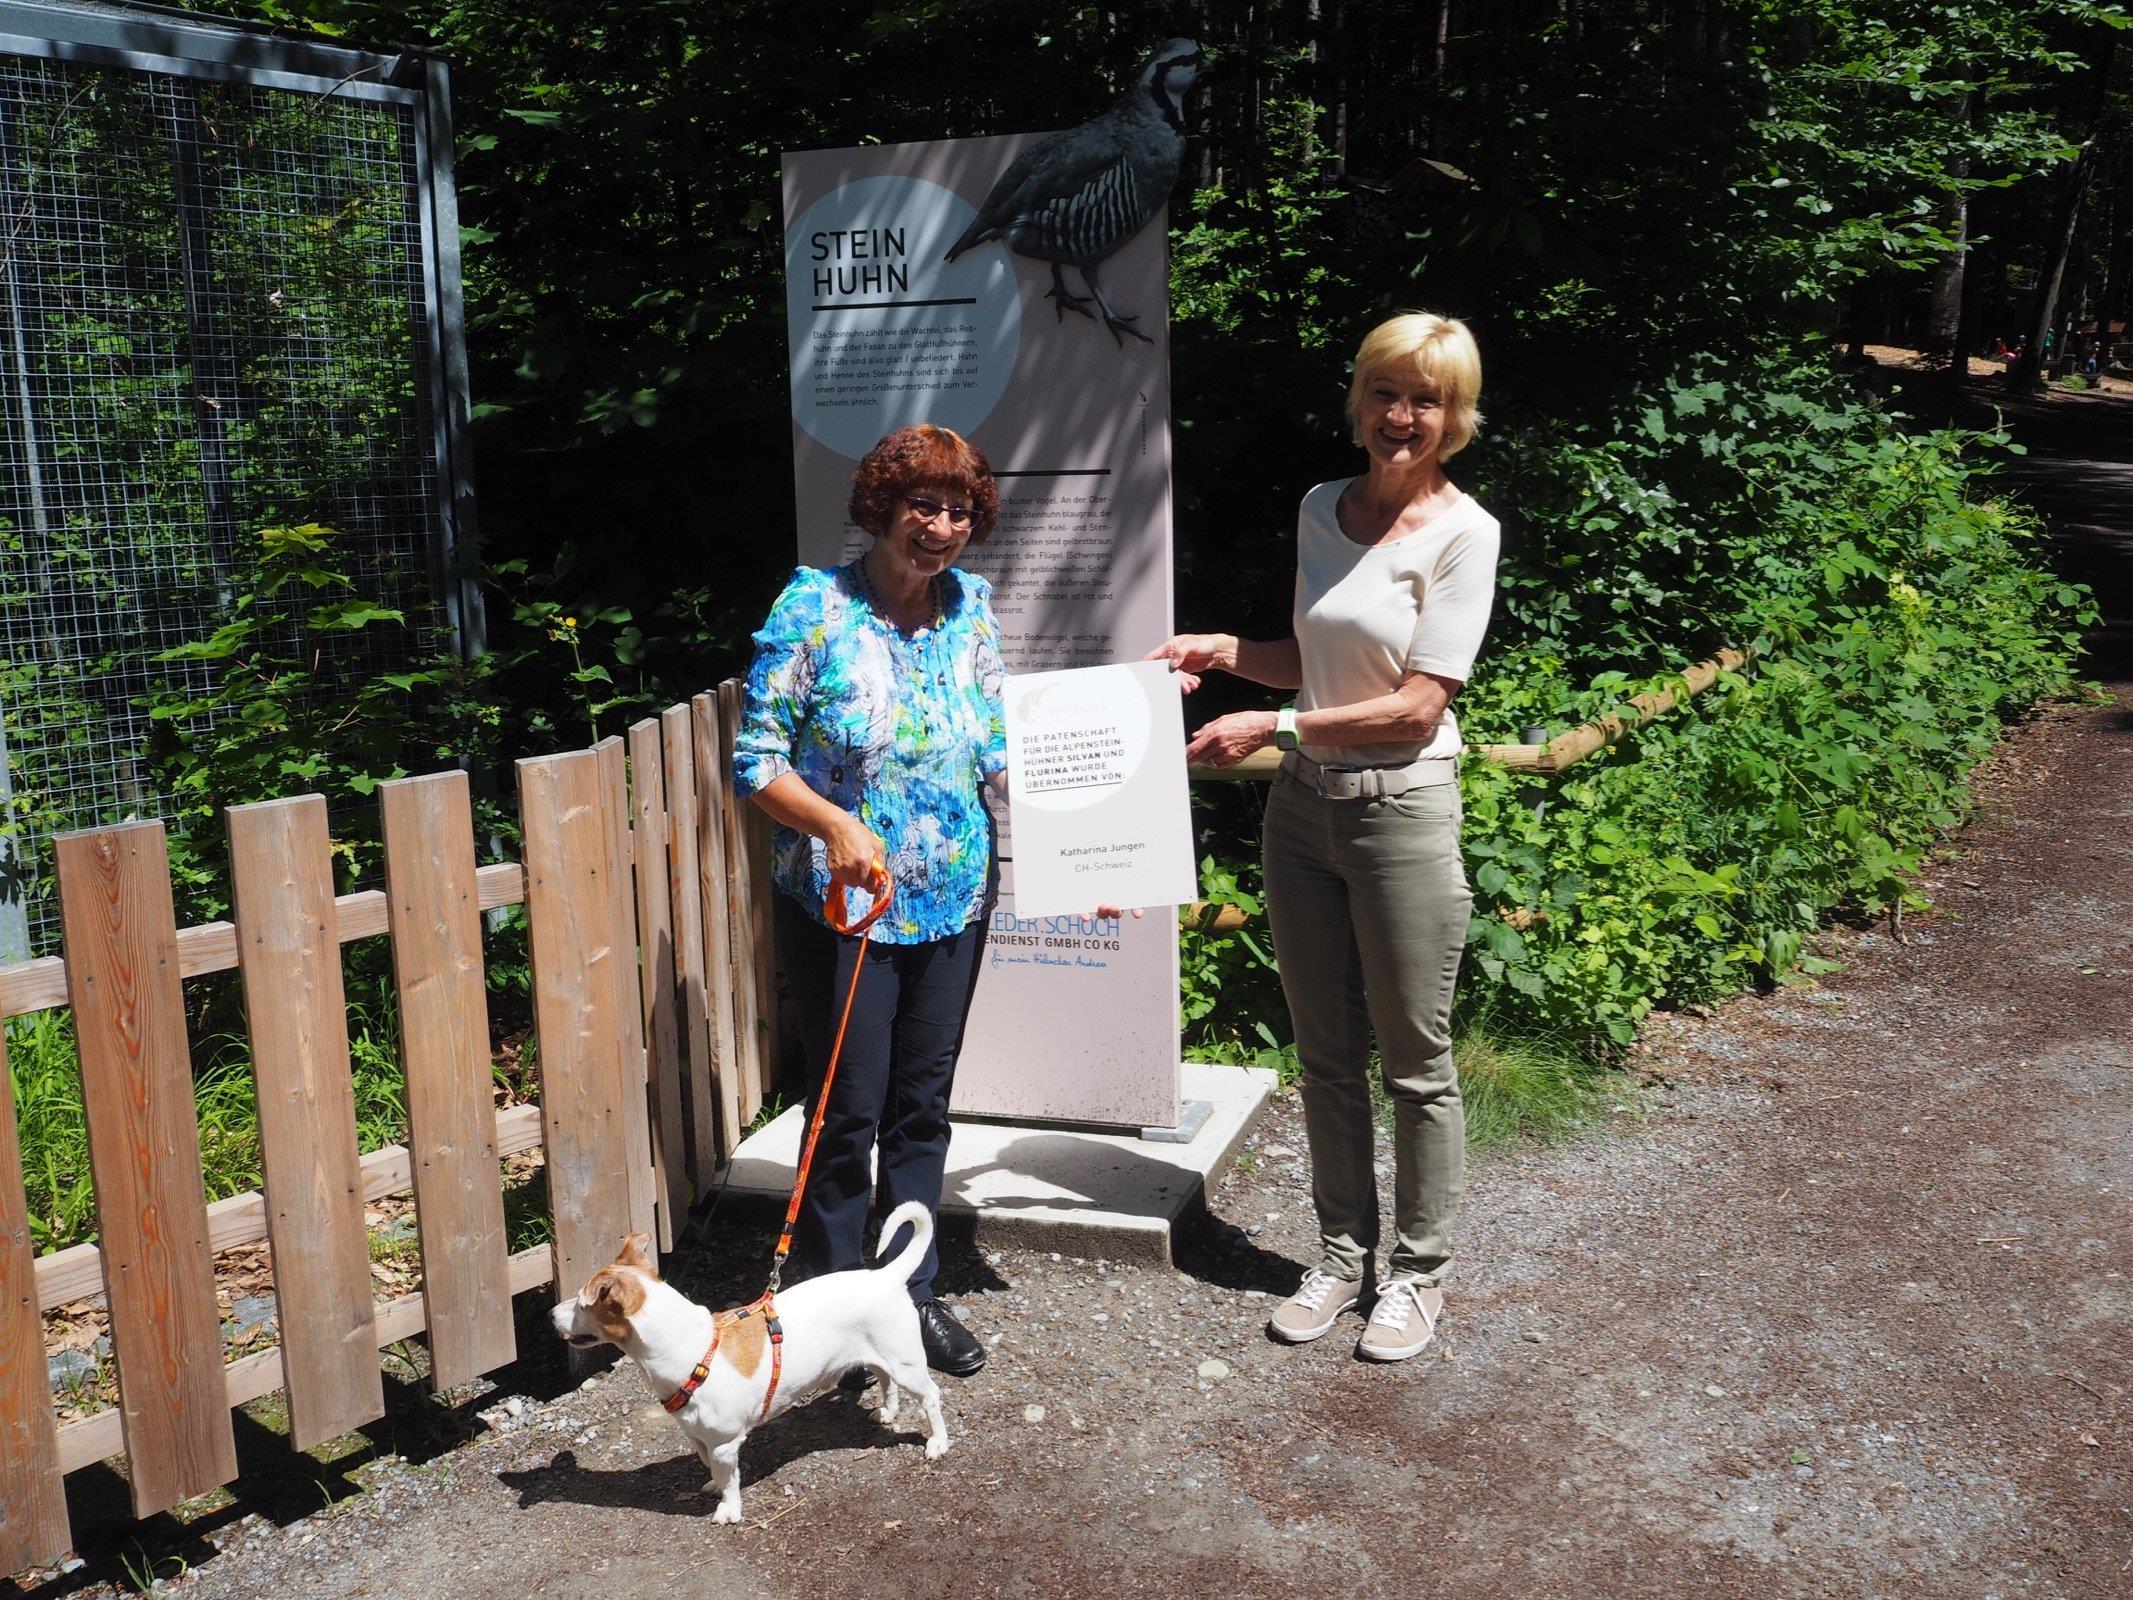 Wildparkfreundin Kathi Jungen aus der Schweiz mit ihrem Hund Nemo und Ingrid Schieder, der Patenschaftsverantwortlichen vom WP Vorstand.